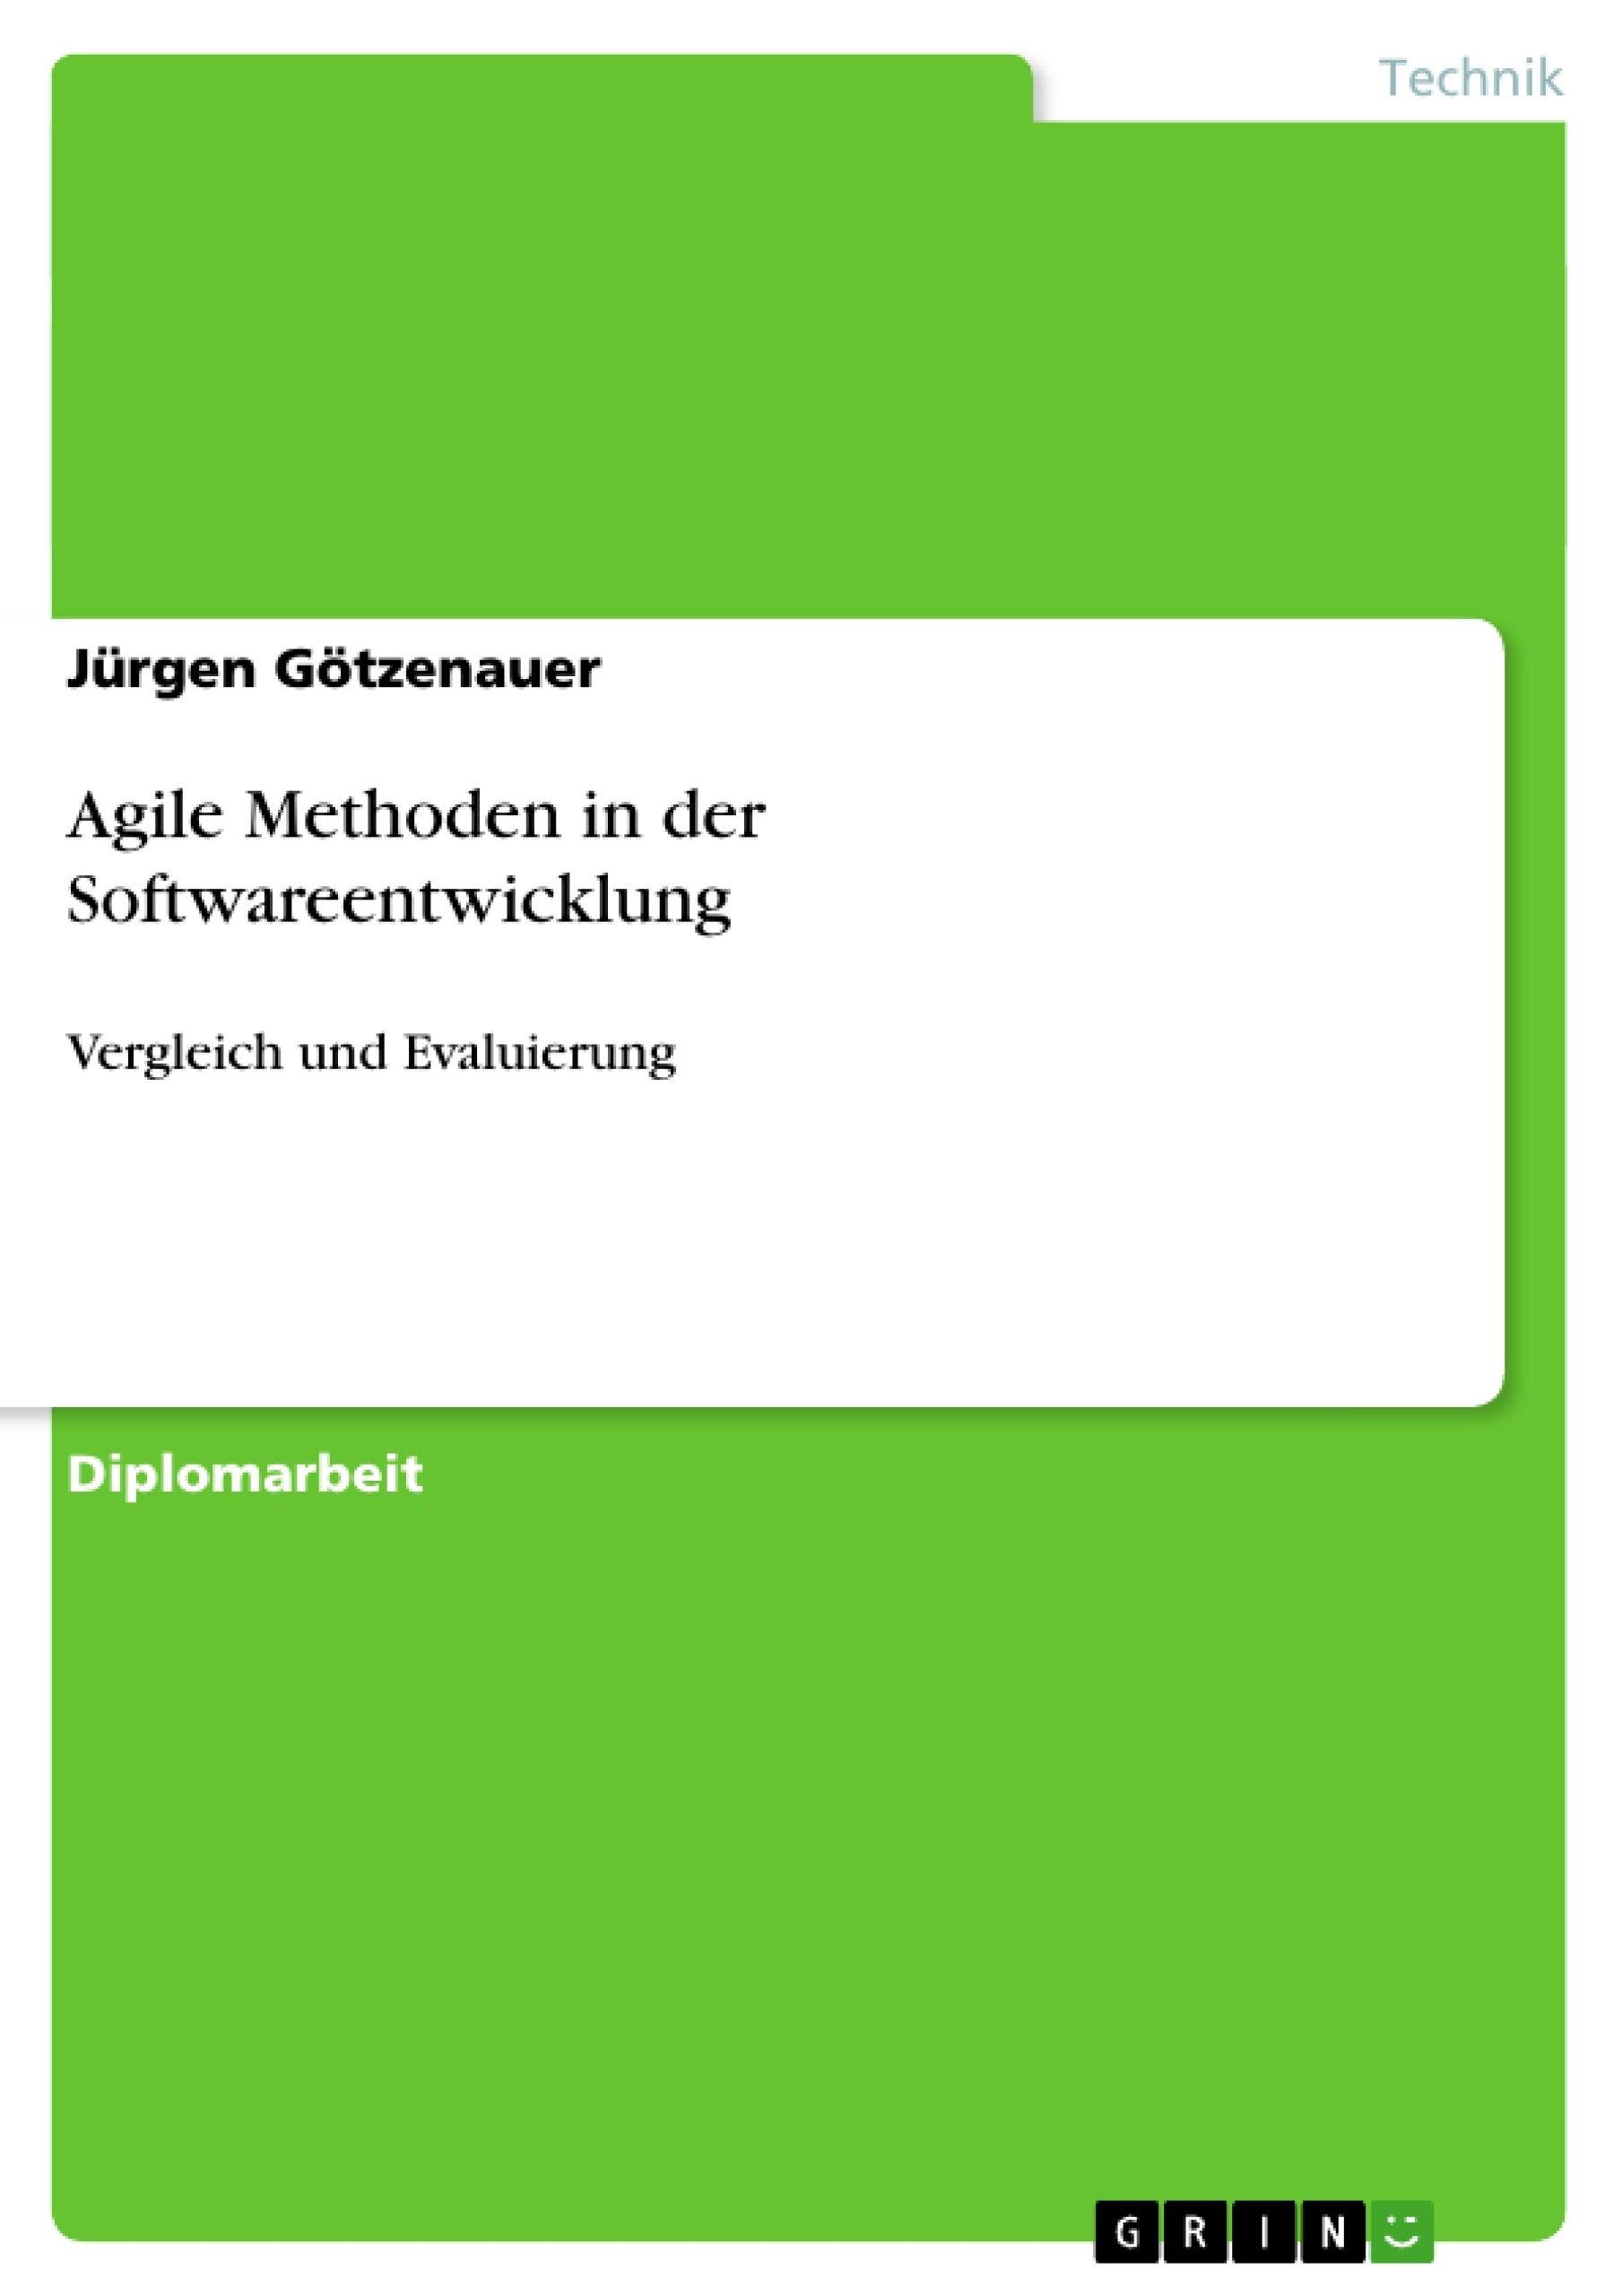 Titel: Agile Methoden in der Softwareentwicklung